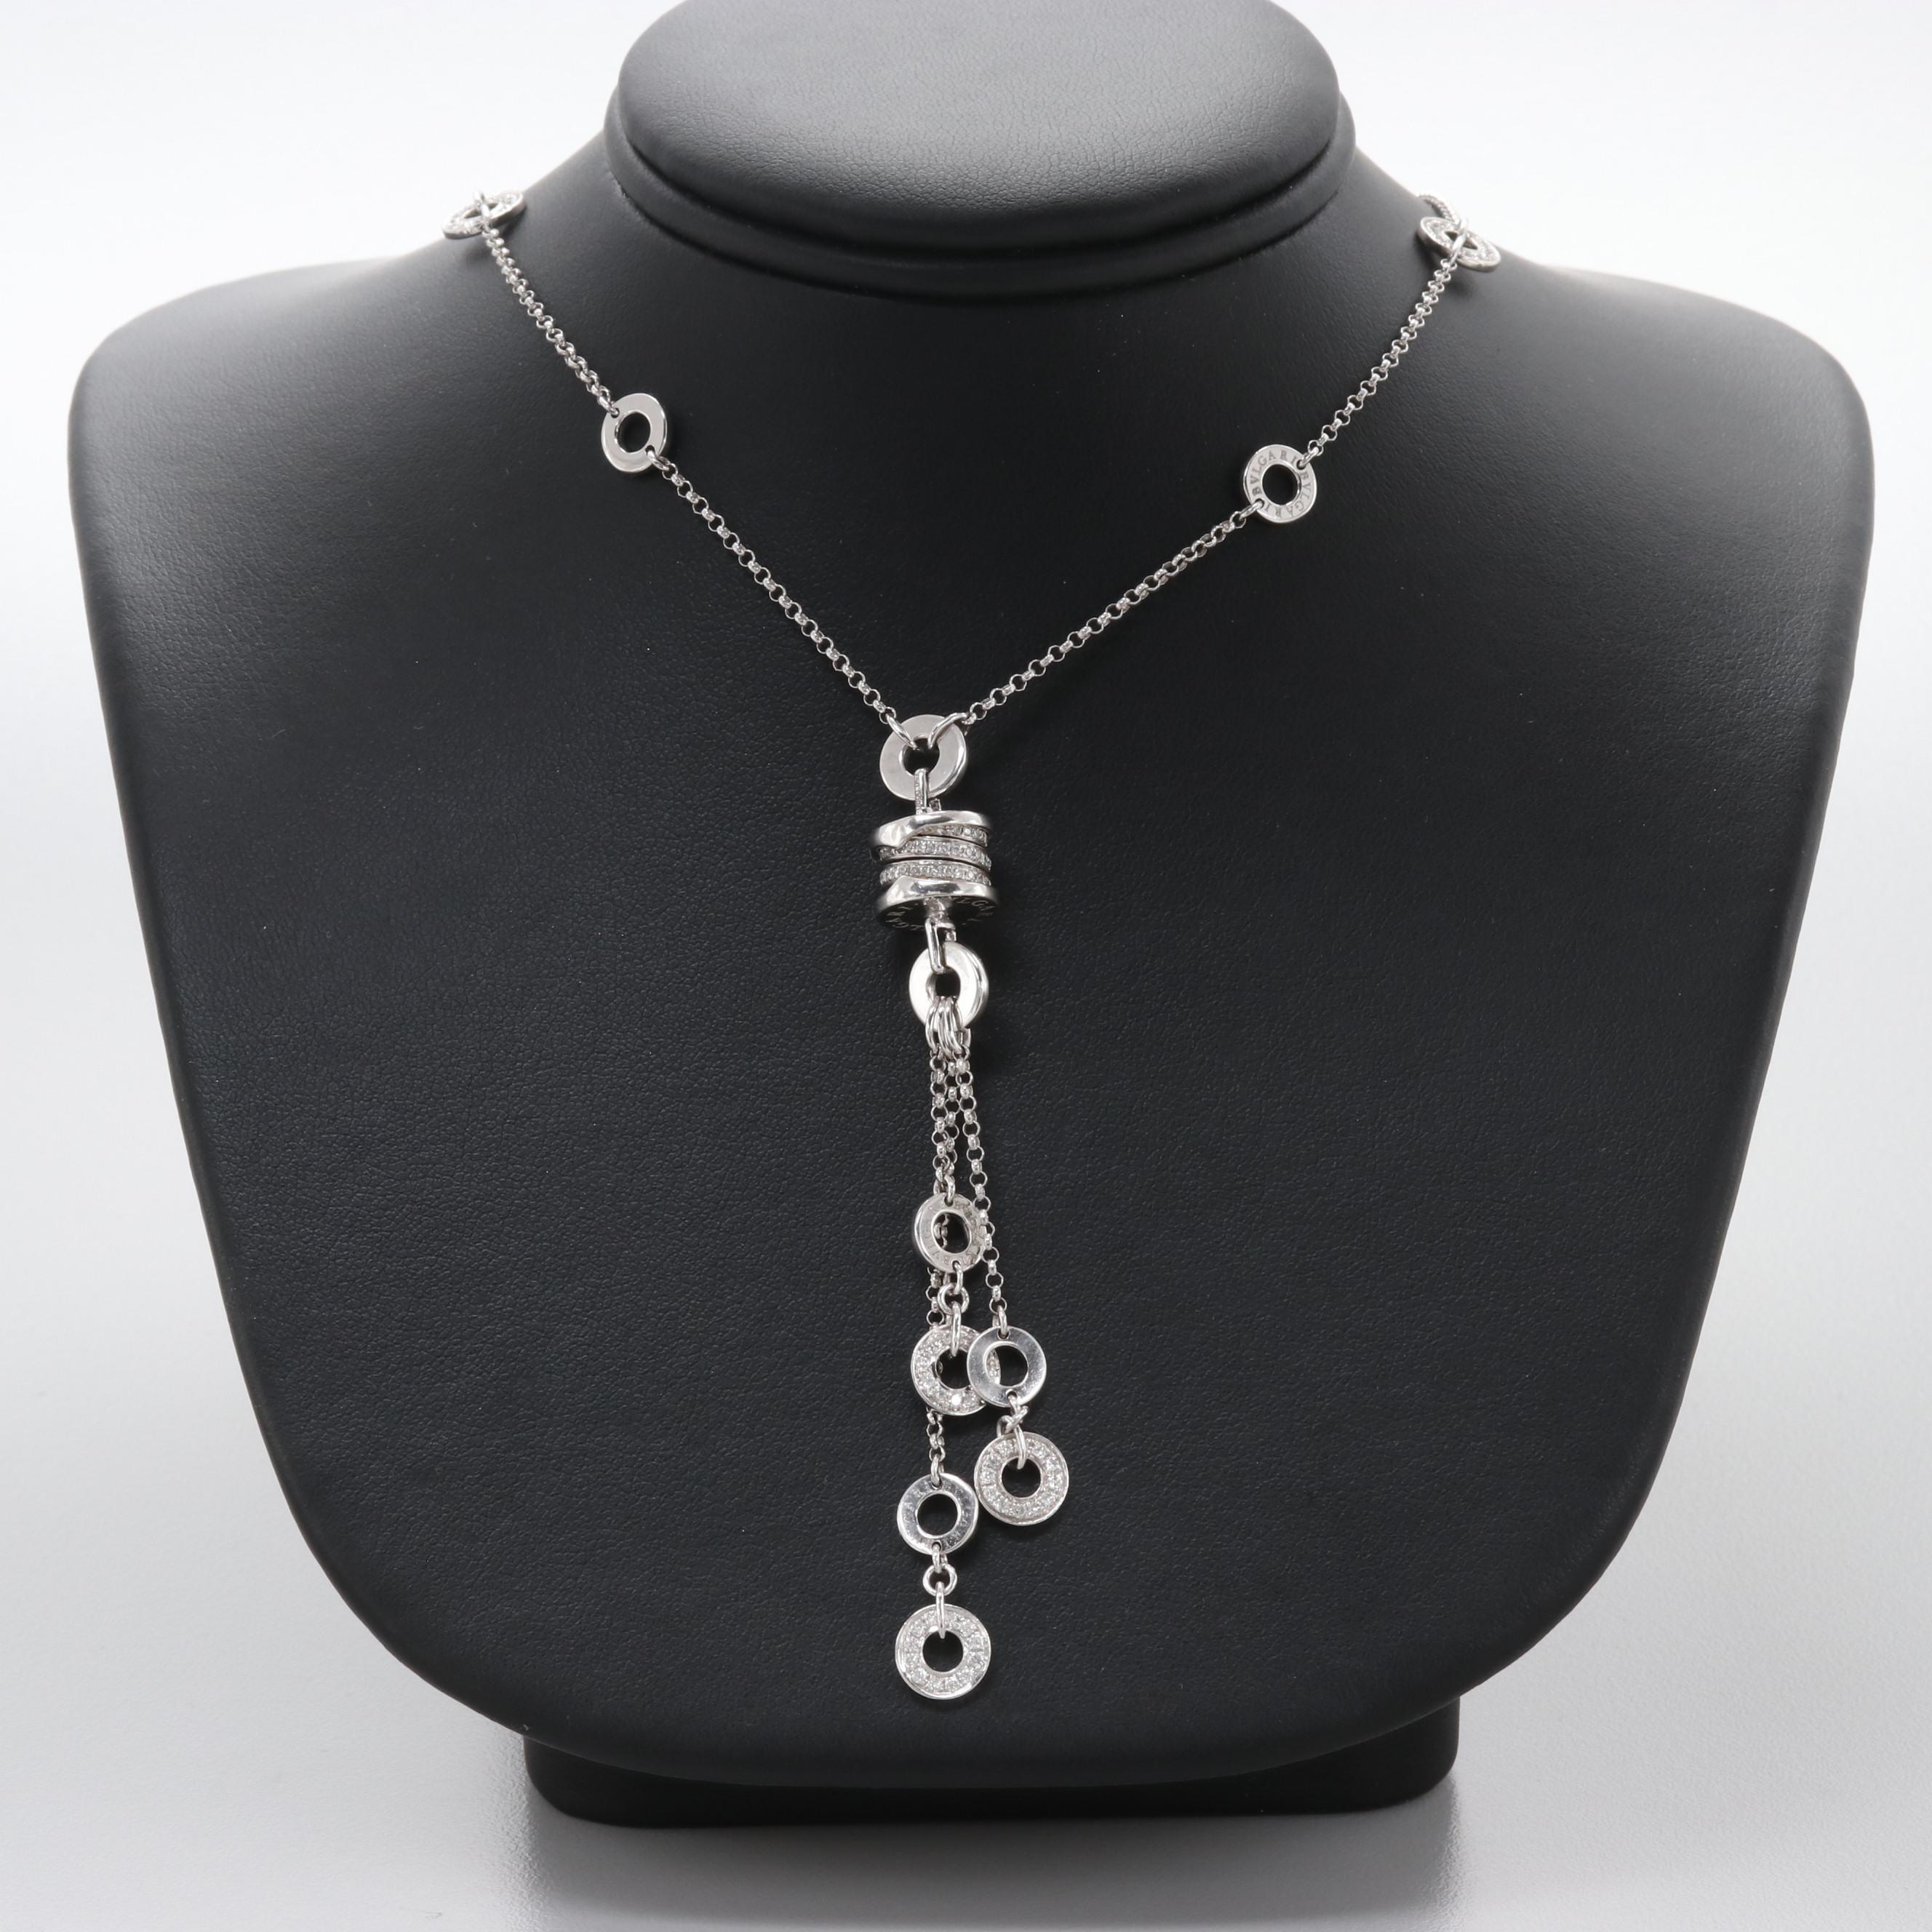 Bvlgari 18K White Gold 1.10 CTW Diamond Necklace